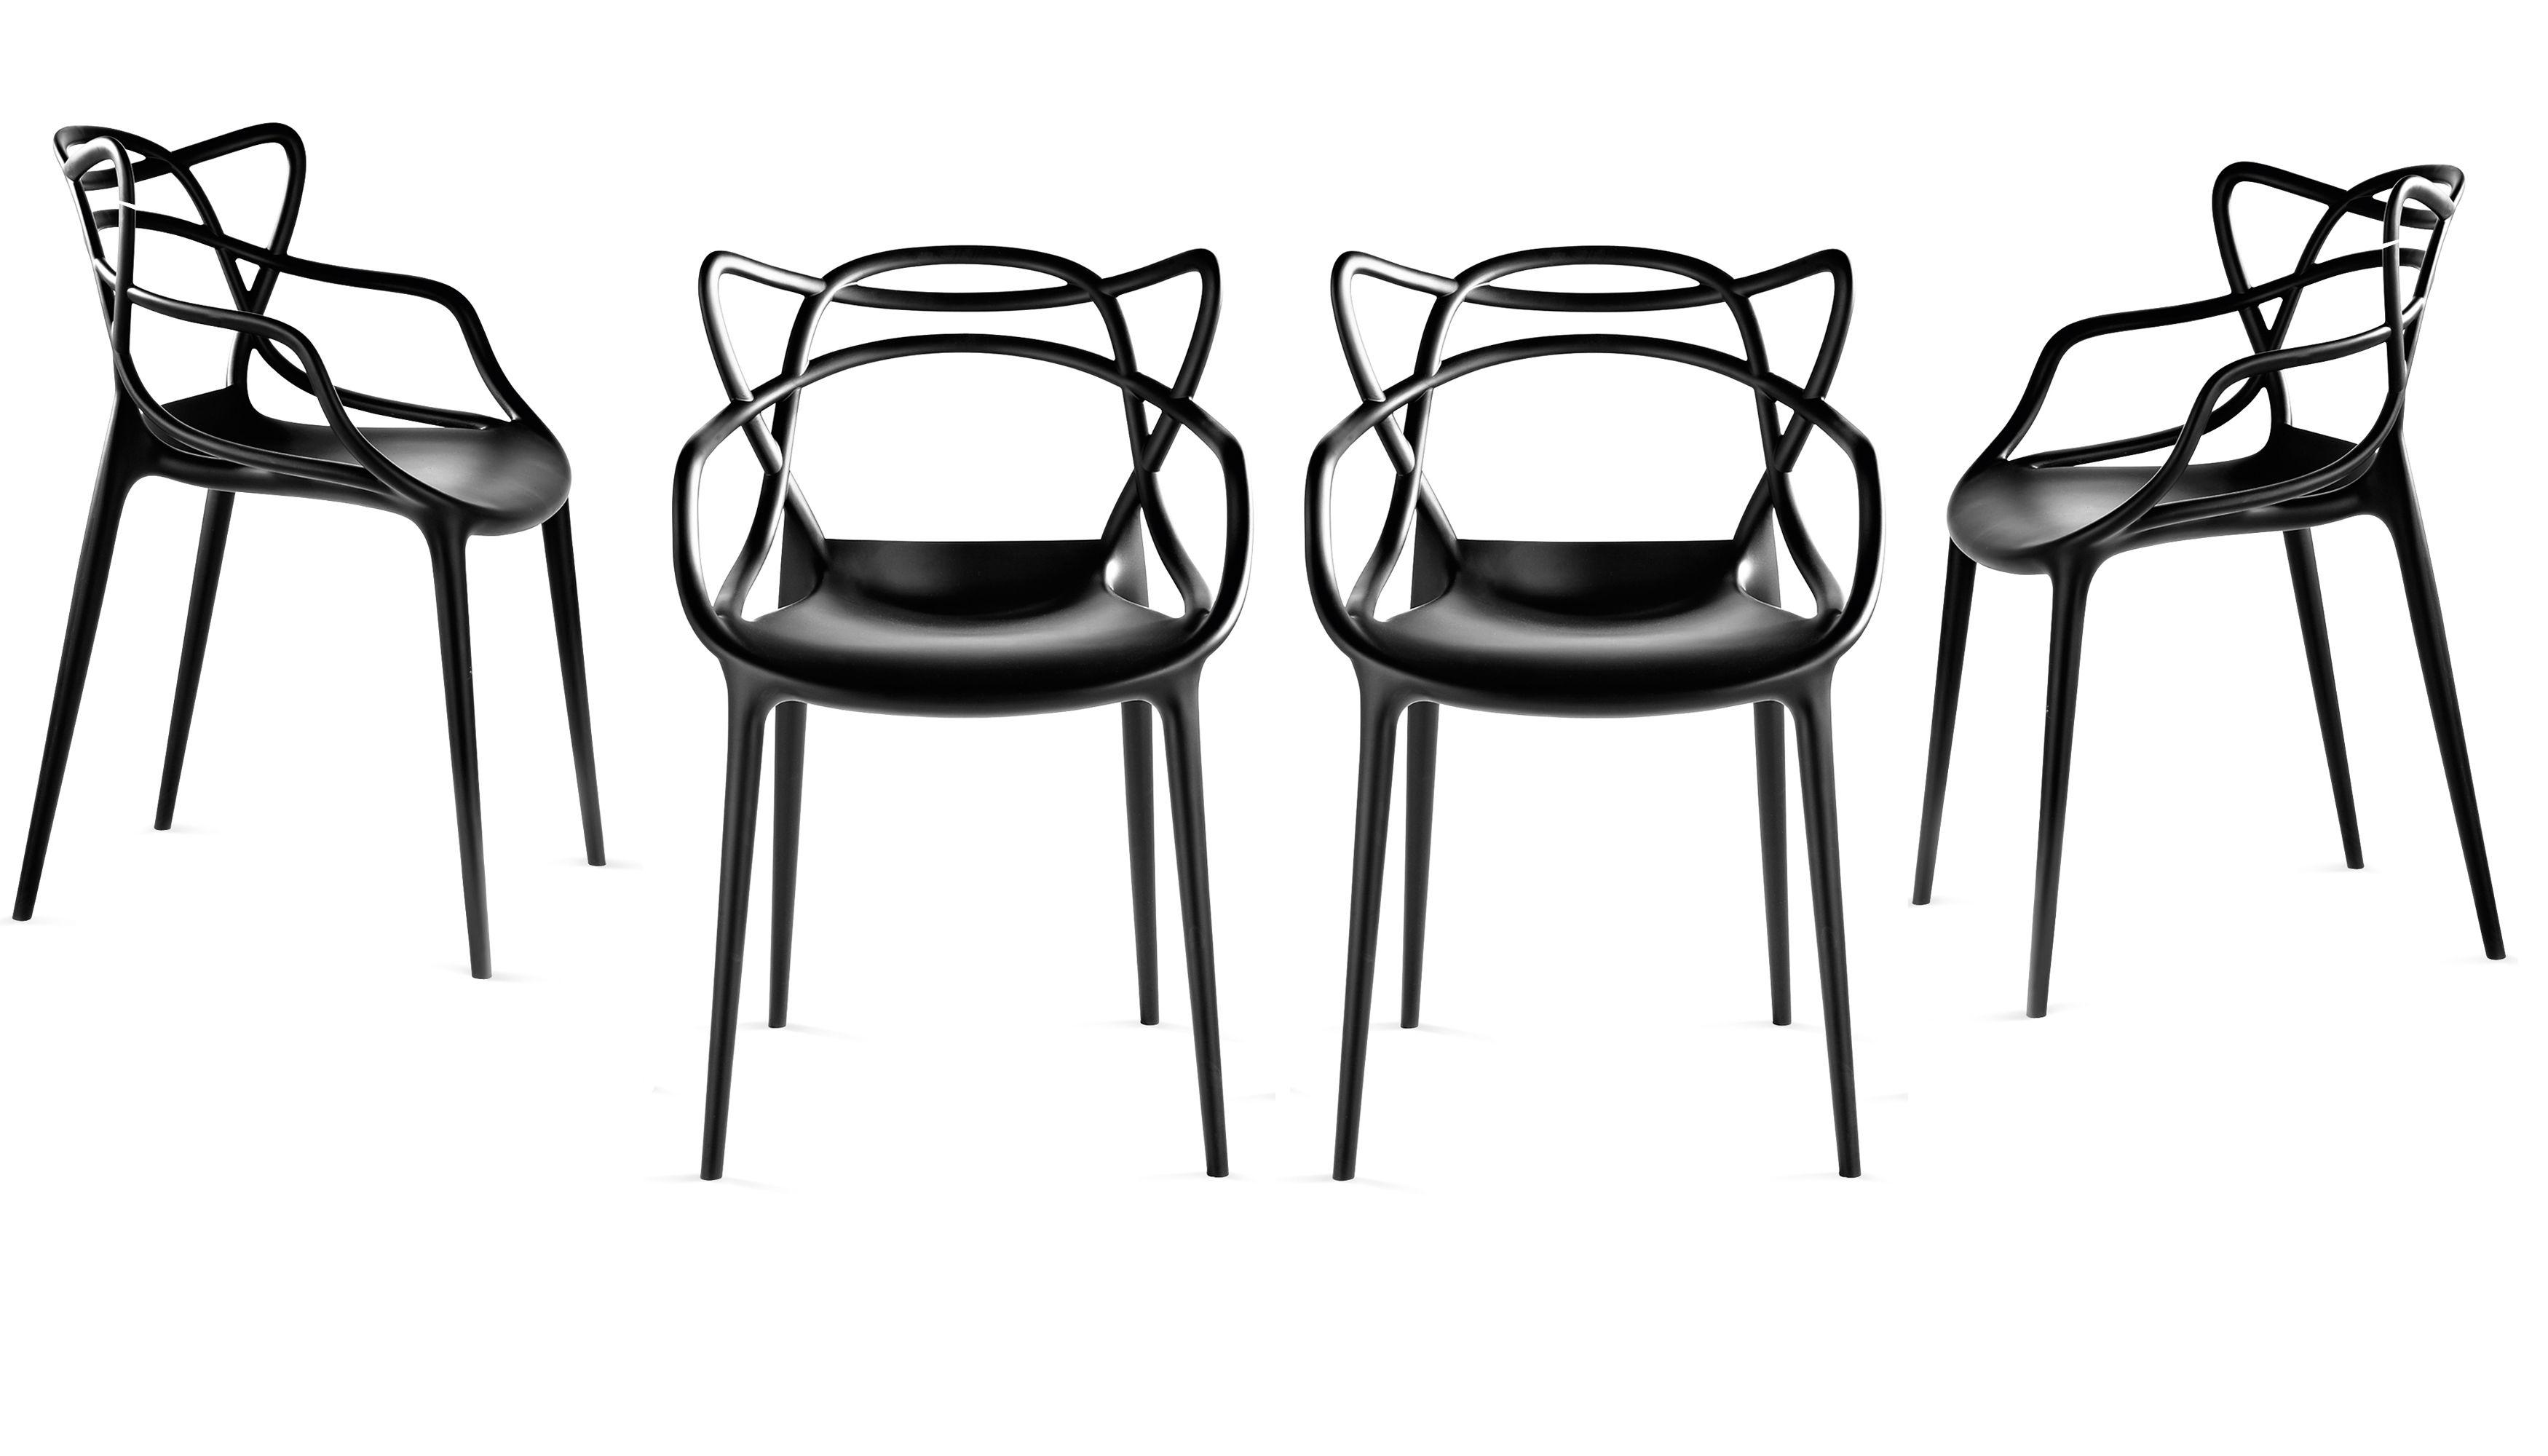 New home arreda molfetta arredamento casa mobili letti for Sedie masters kartell scontate